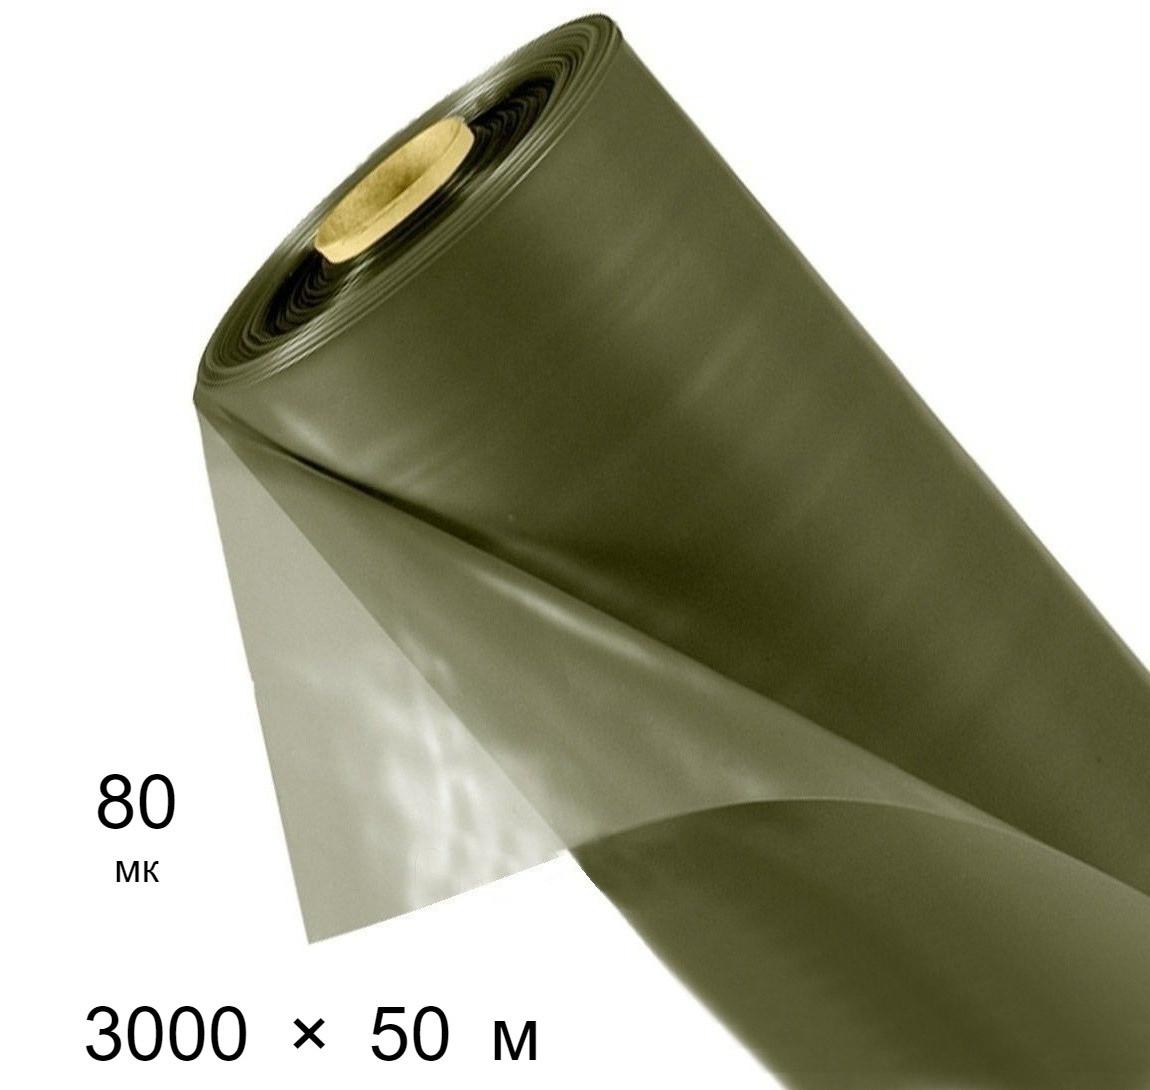 Пленка строительная 80 мкм - 3000 мм × 50 м